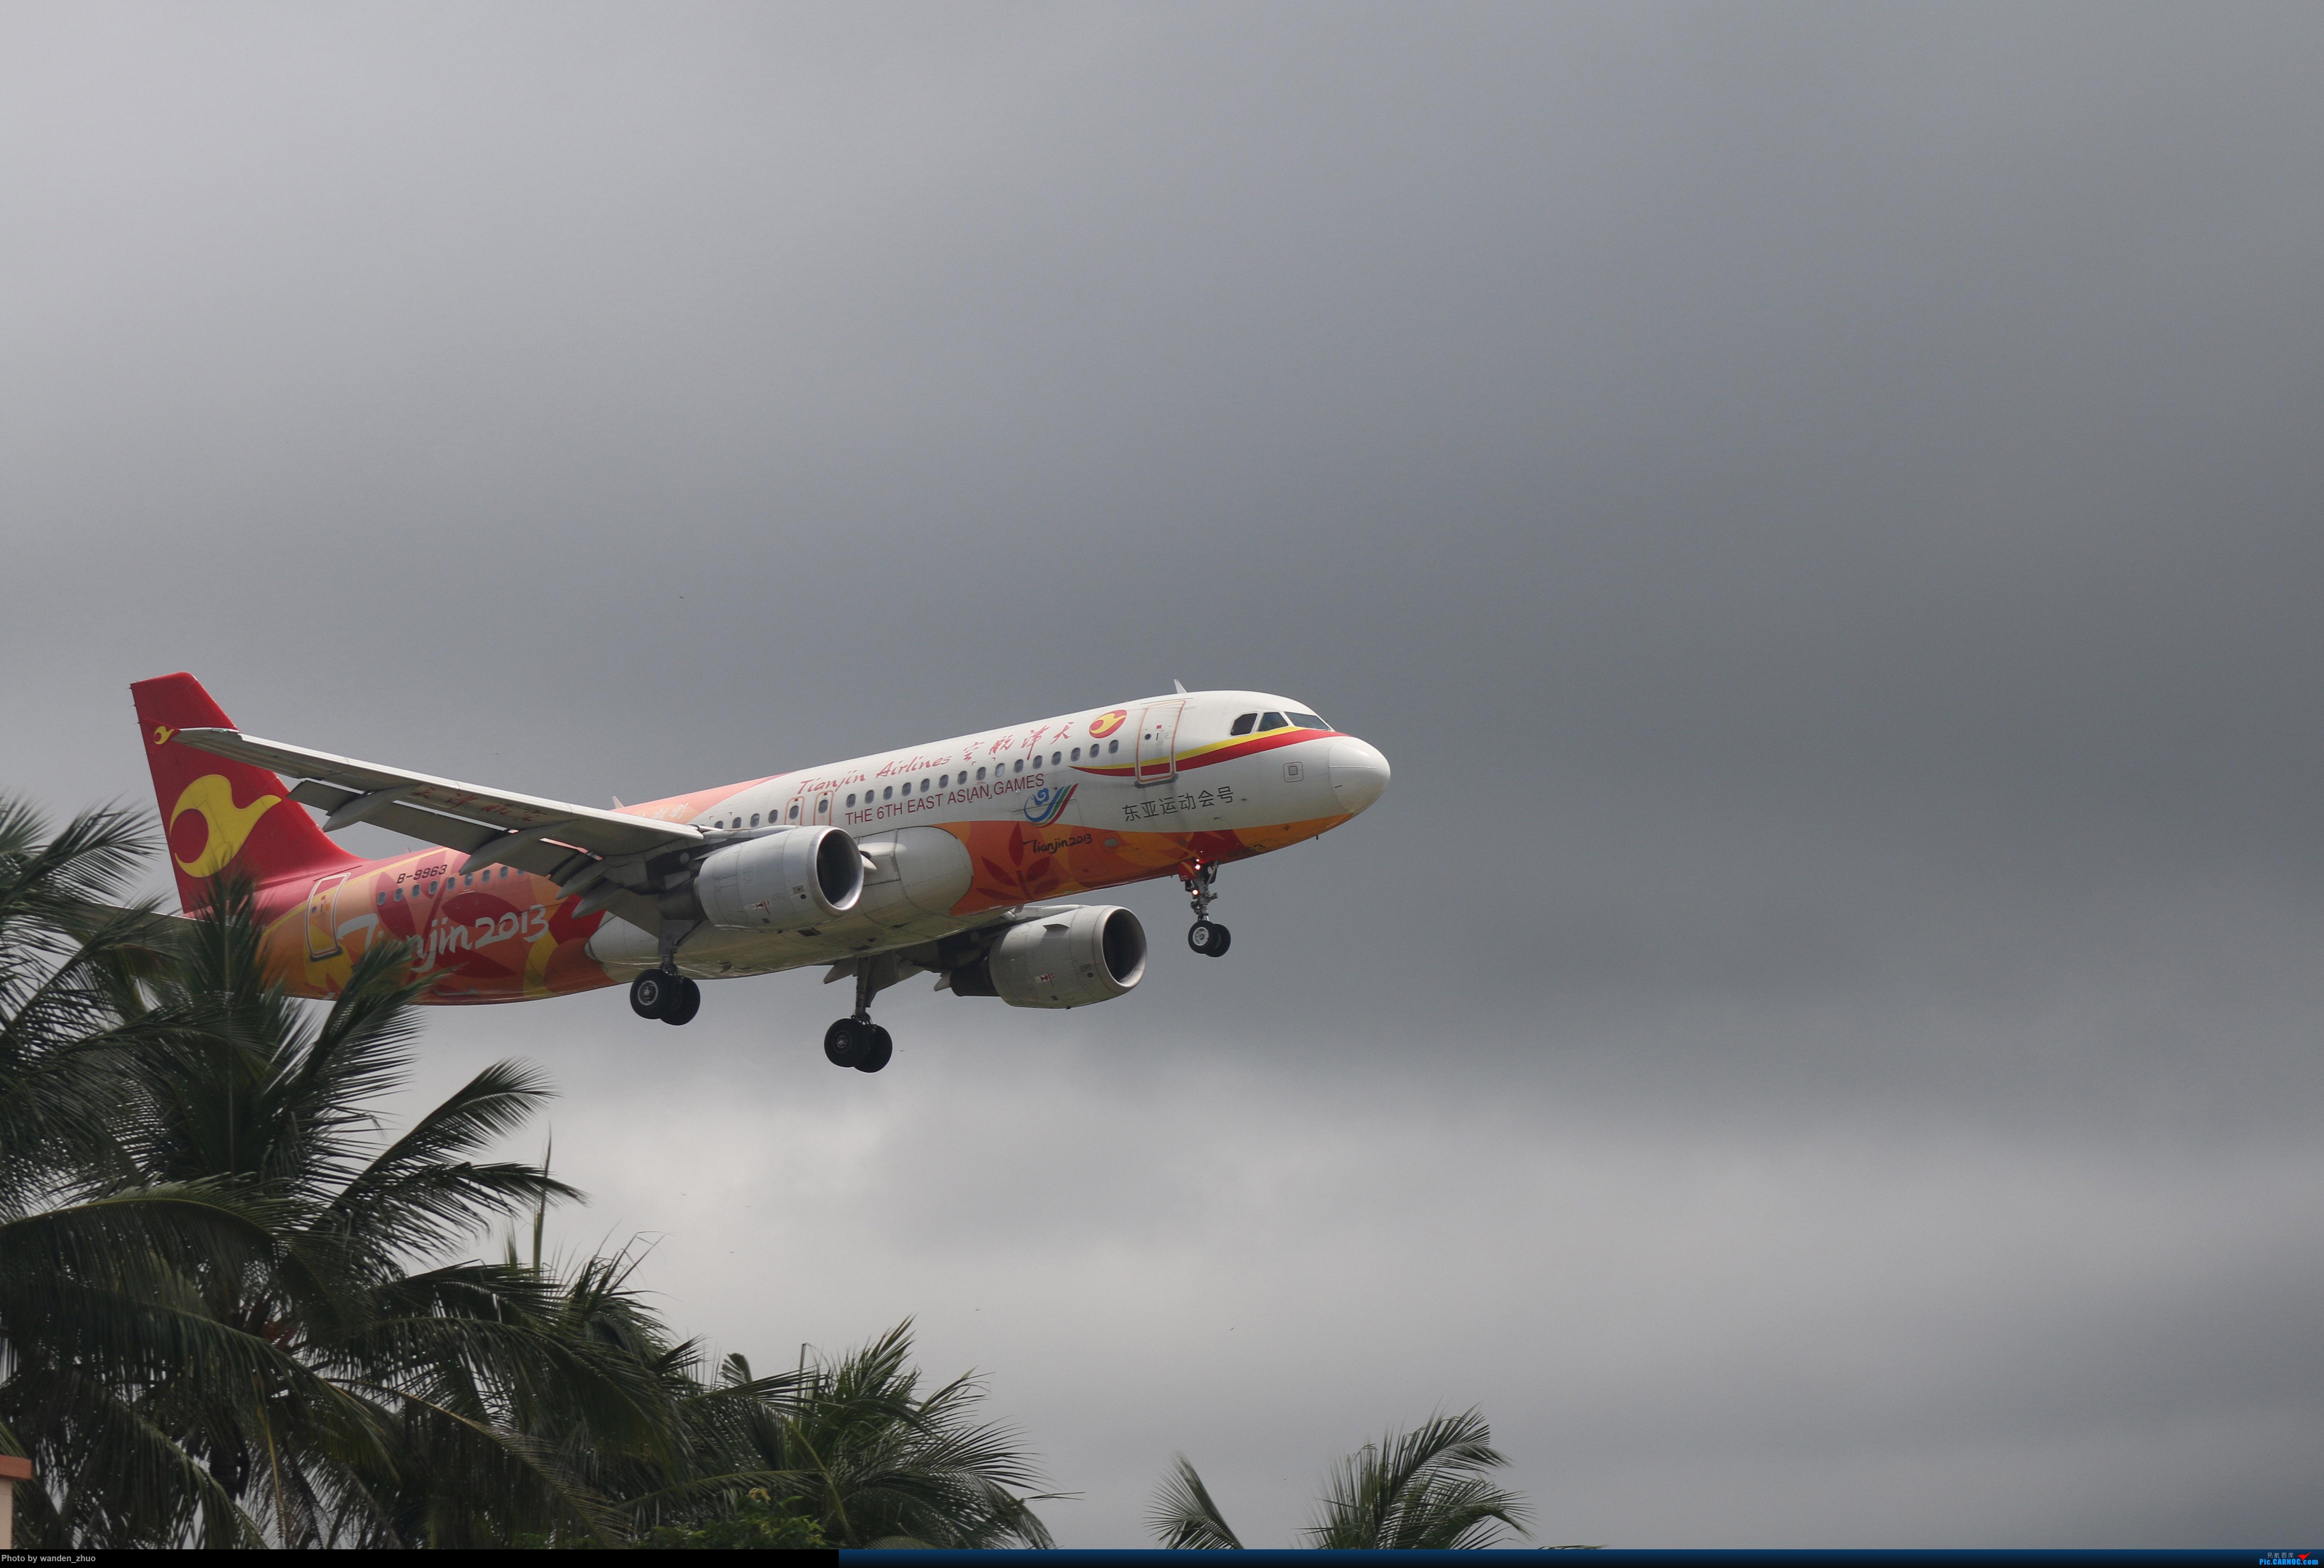 Re:[原创]人生第一次在机场拍机,献给三亚凤凰机场 AIRBUS A320-200 B-9963 中国三亚凤凰国际机场